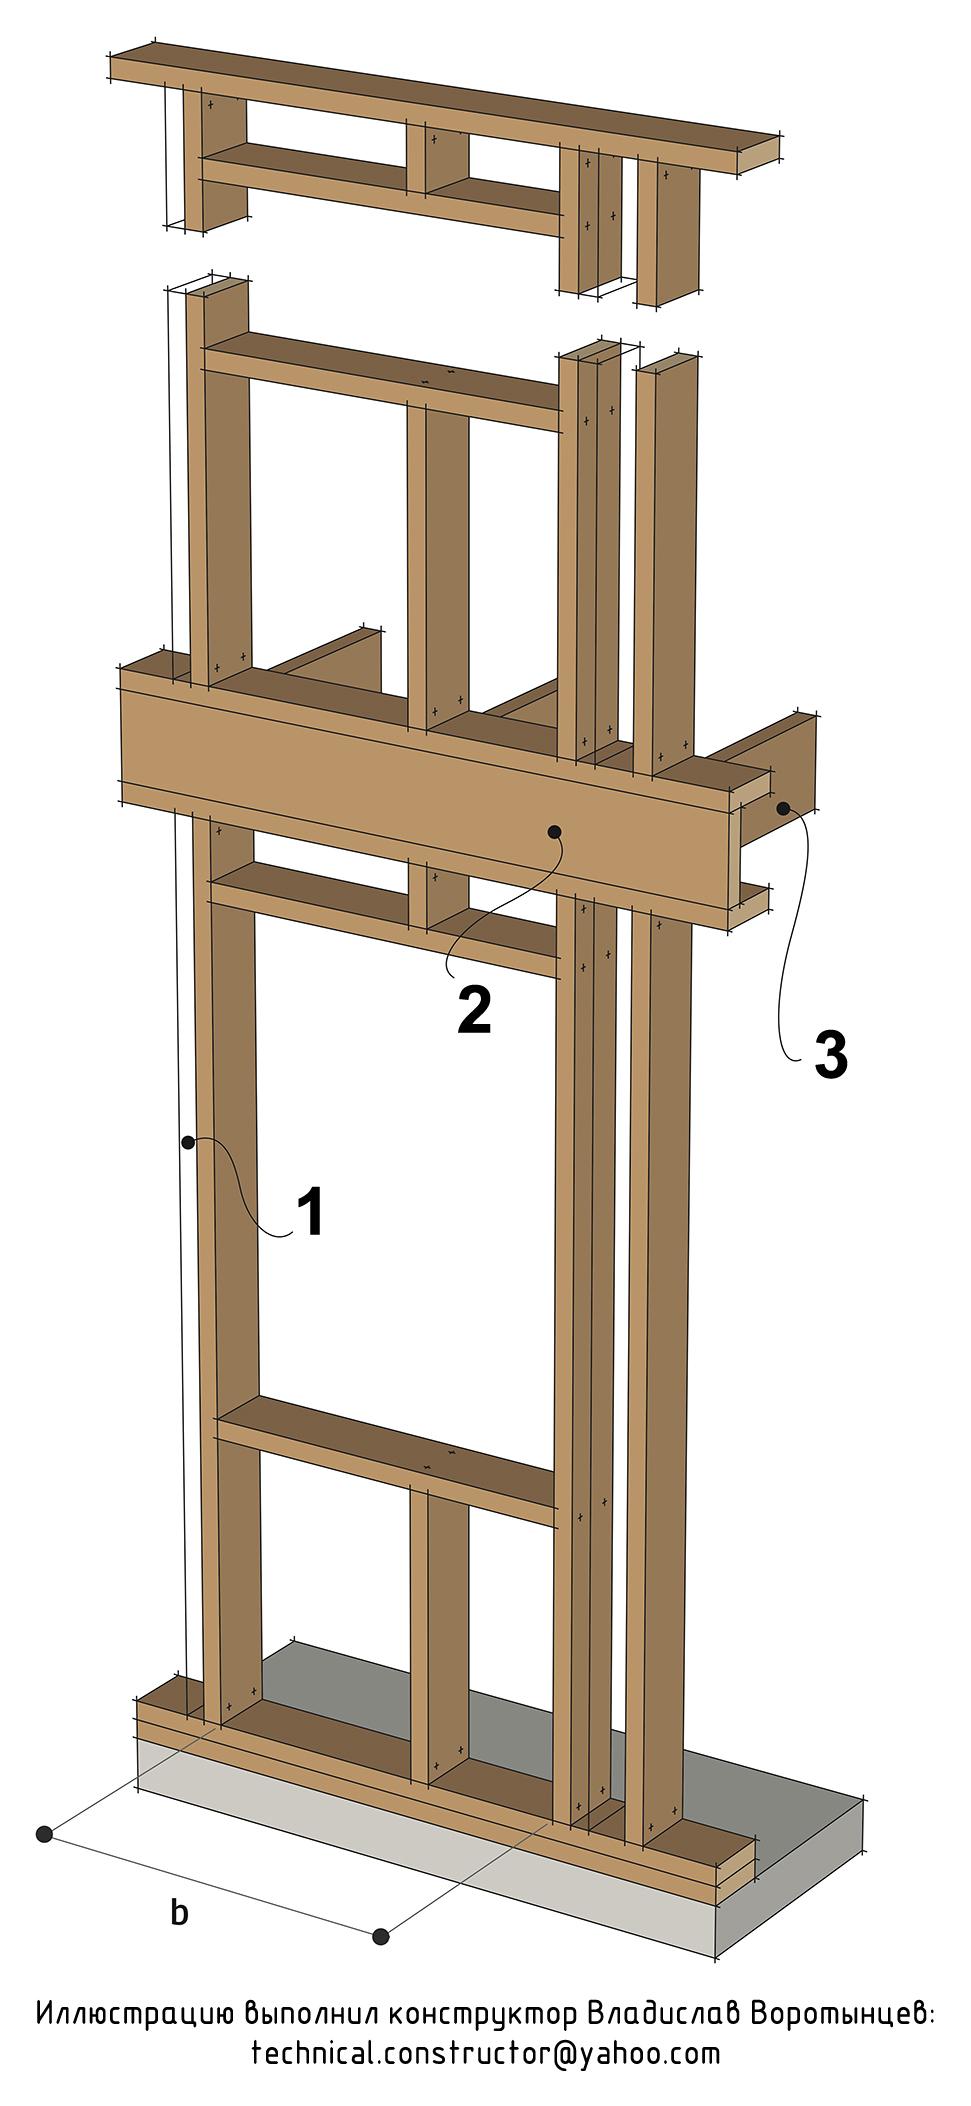 Рис. 9.24 Проём в несущей стене с нагрузкой только от междуэтажного перекрытия - (проём типа C по норвежской классификации) Выбор конструкции оконных и дверных проёмов